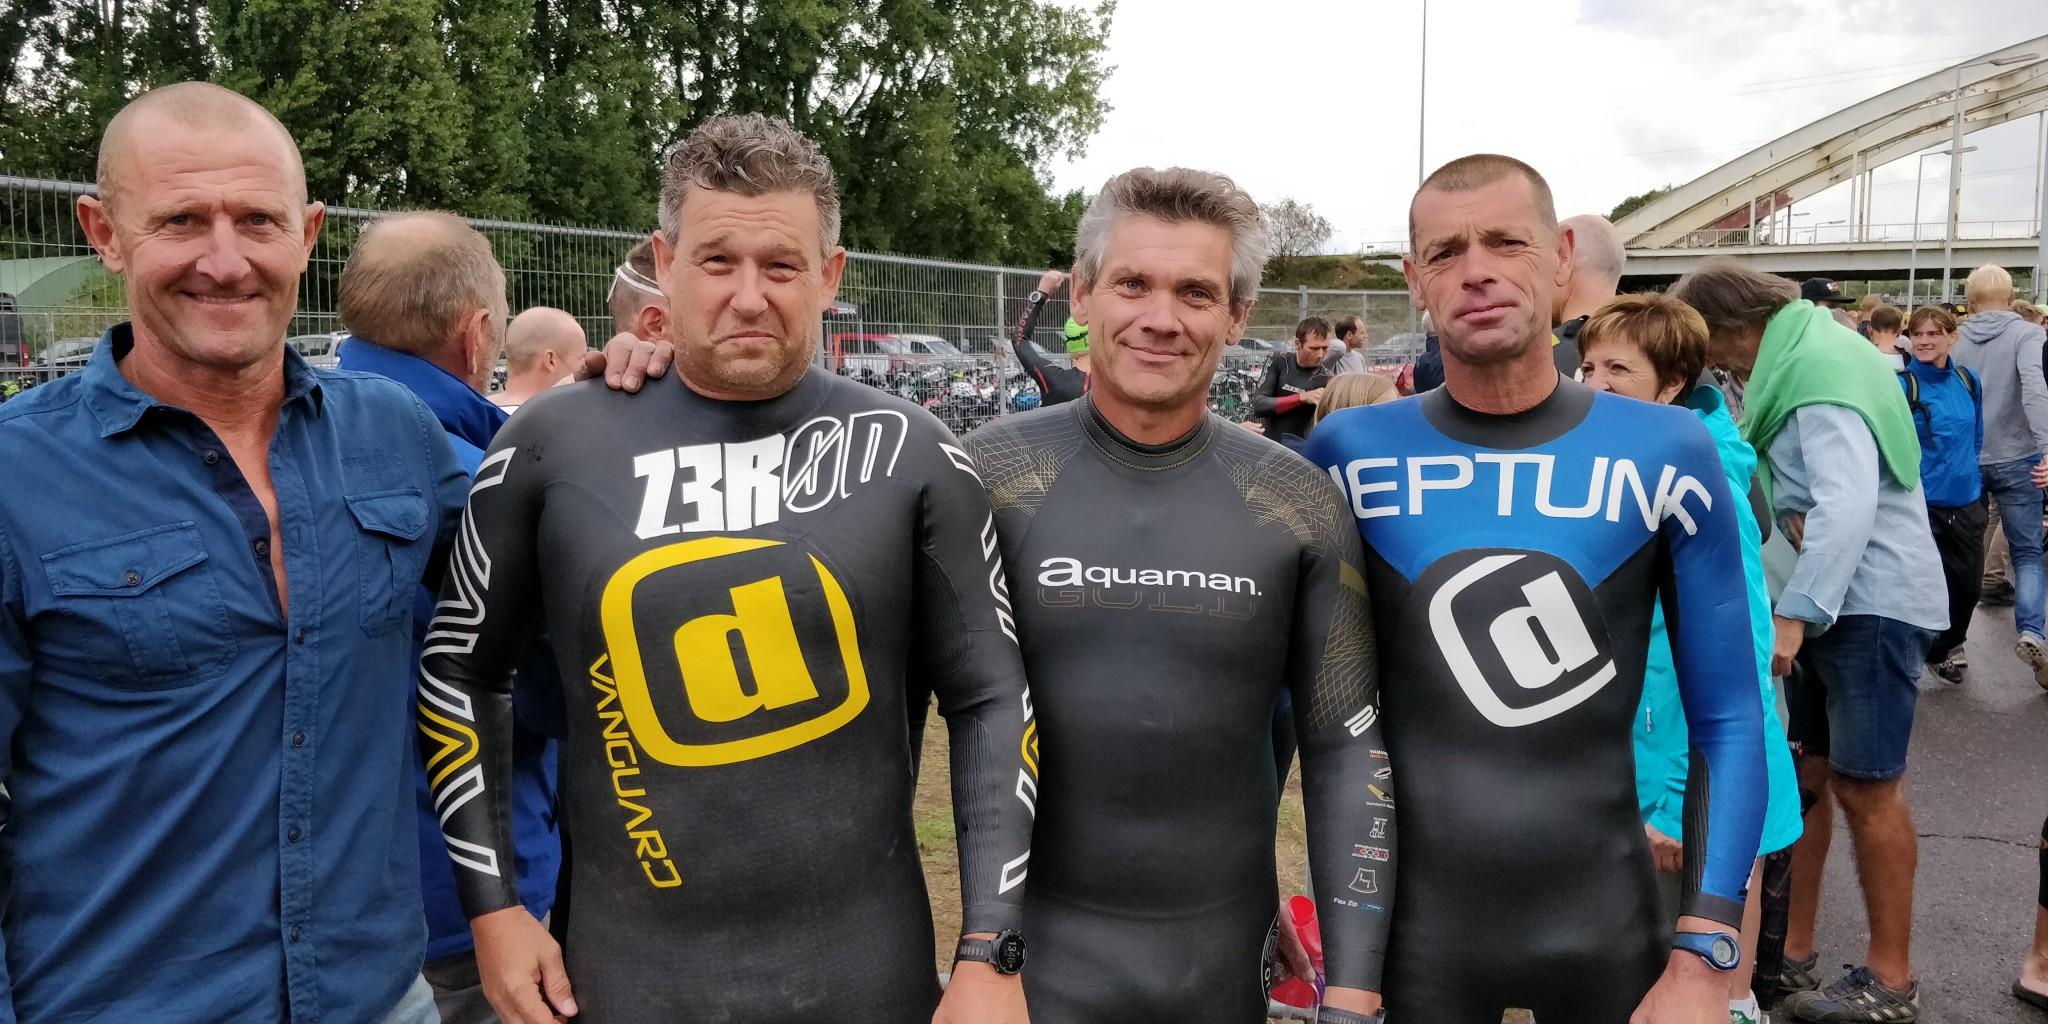 Rudi Claes, Kris Marien, Sven Segers en Eddy Van Hoof (foto: 3athlon.be/Hans Cleemput)